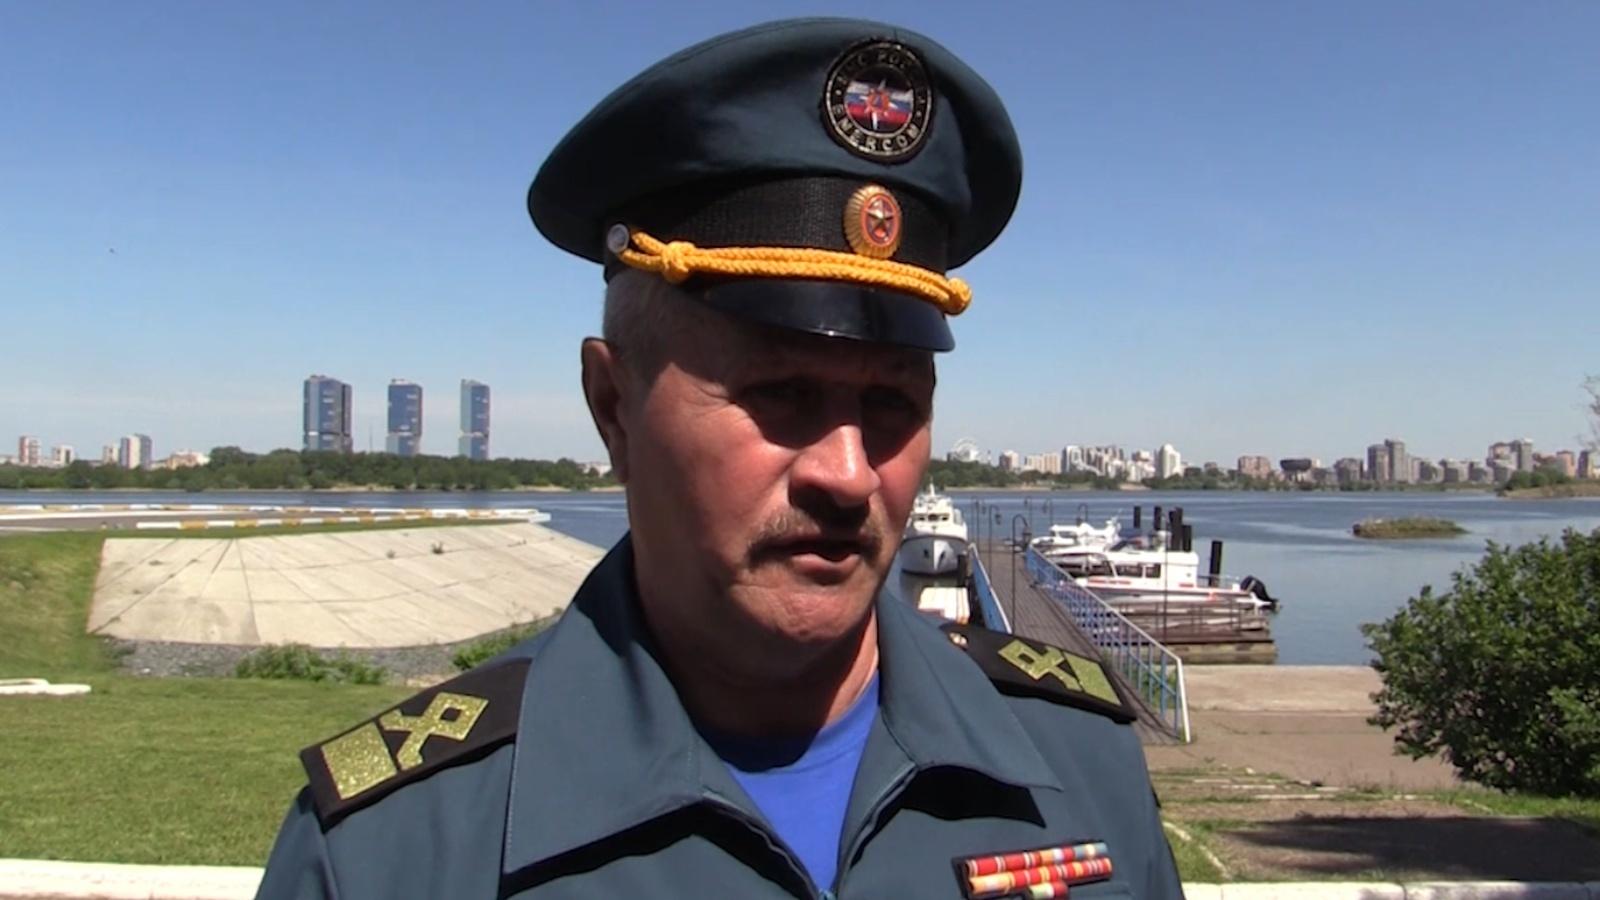 Юрий Венедиктов: обстановка на водных объектах республики остается достаточно напряжённой